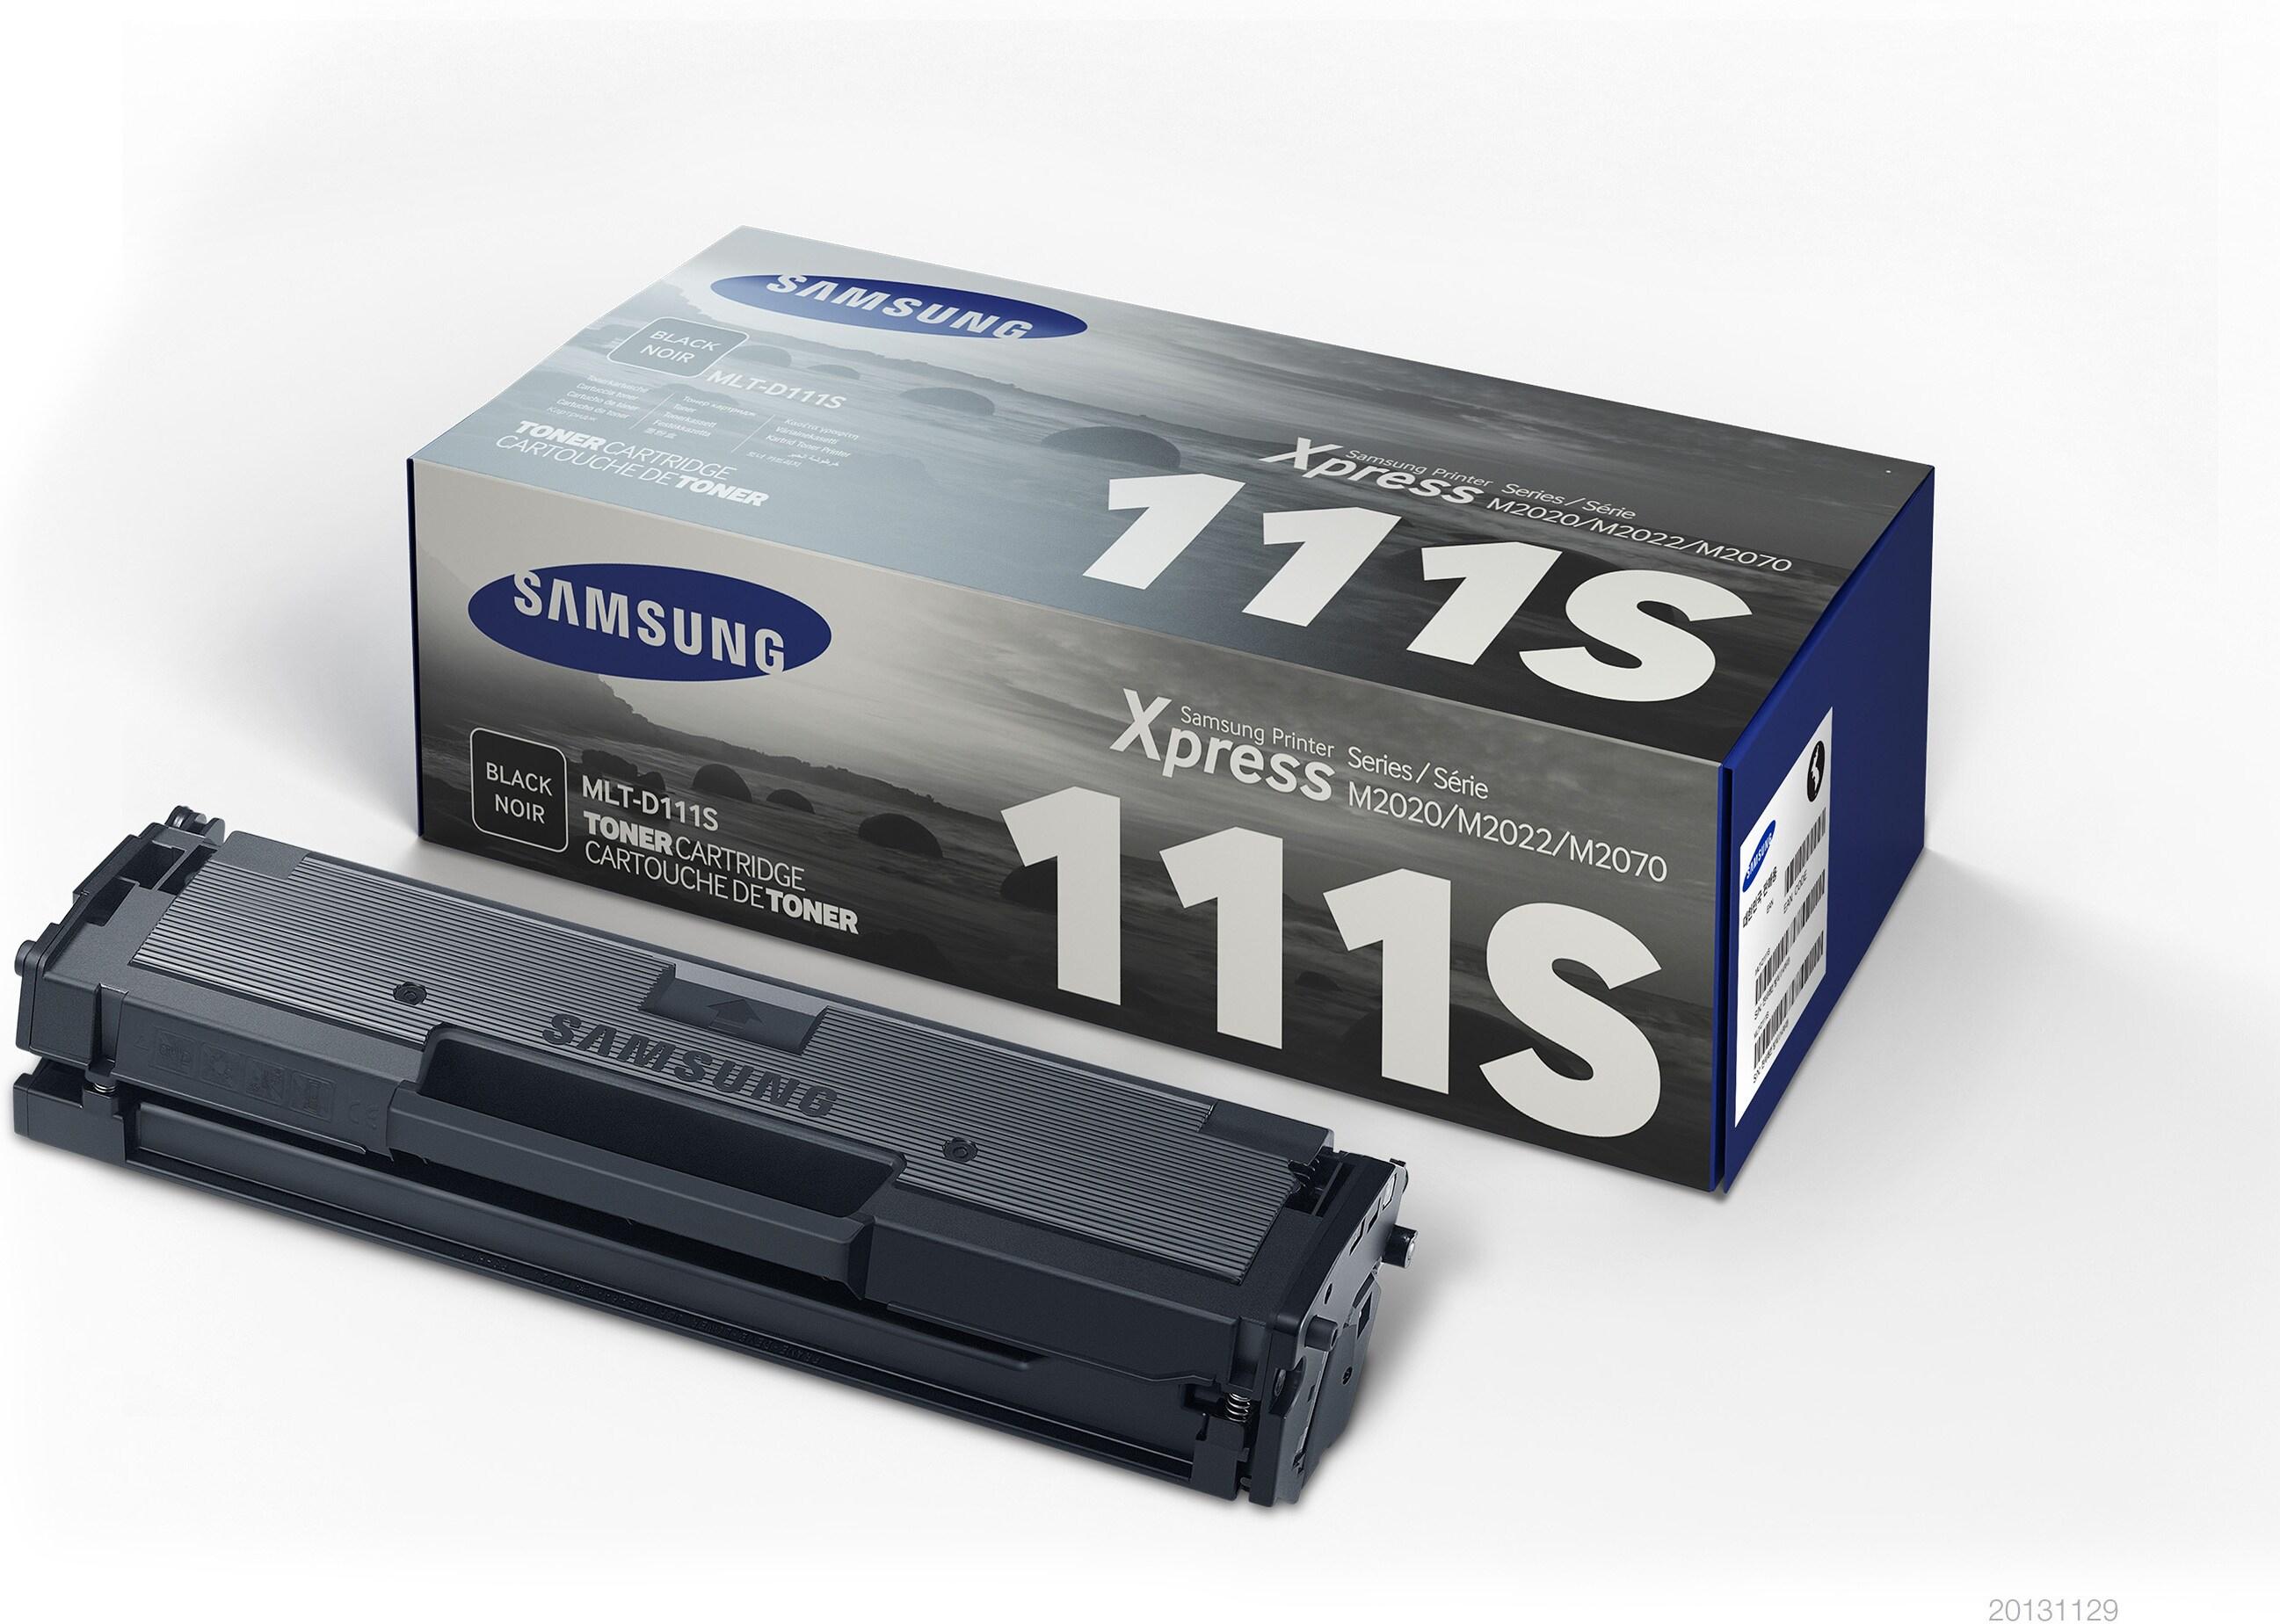 SAMSUNG Toner Cartridge MLT-D111S/ELS Black